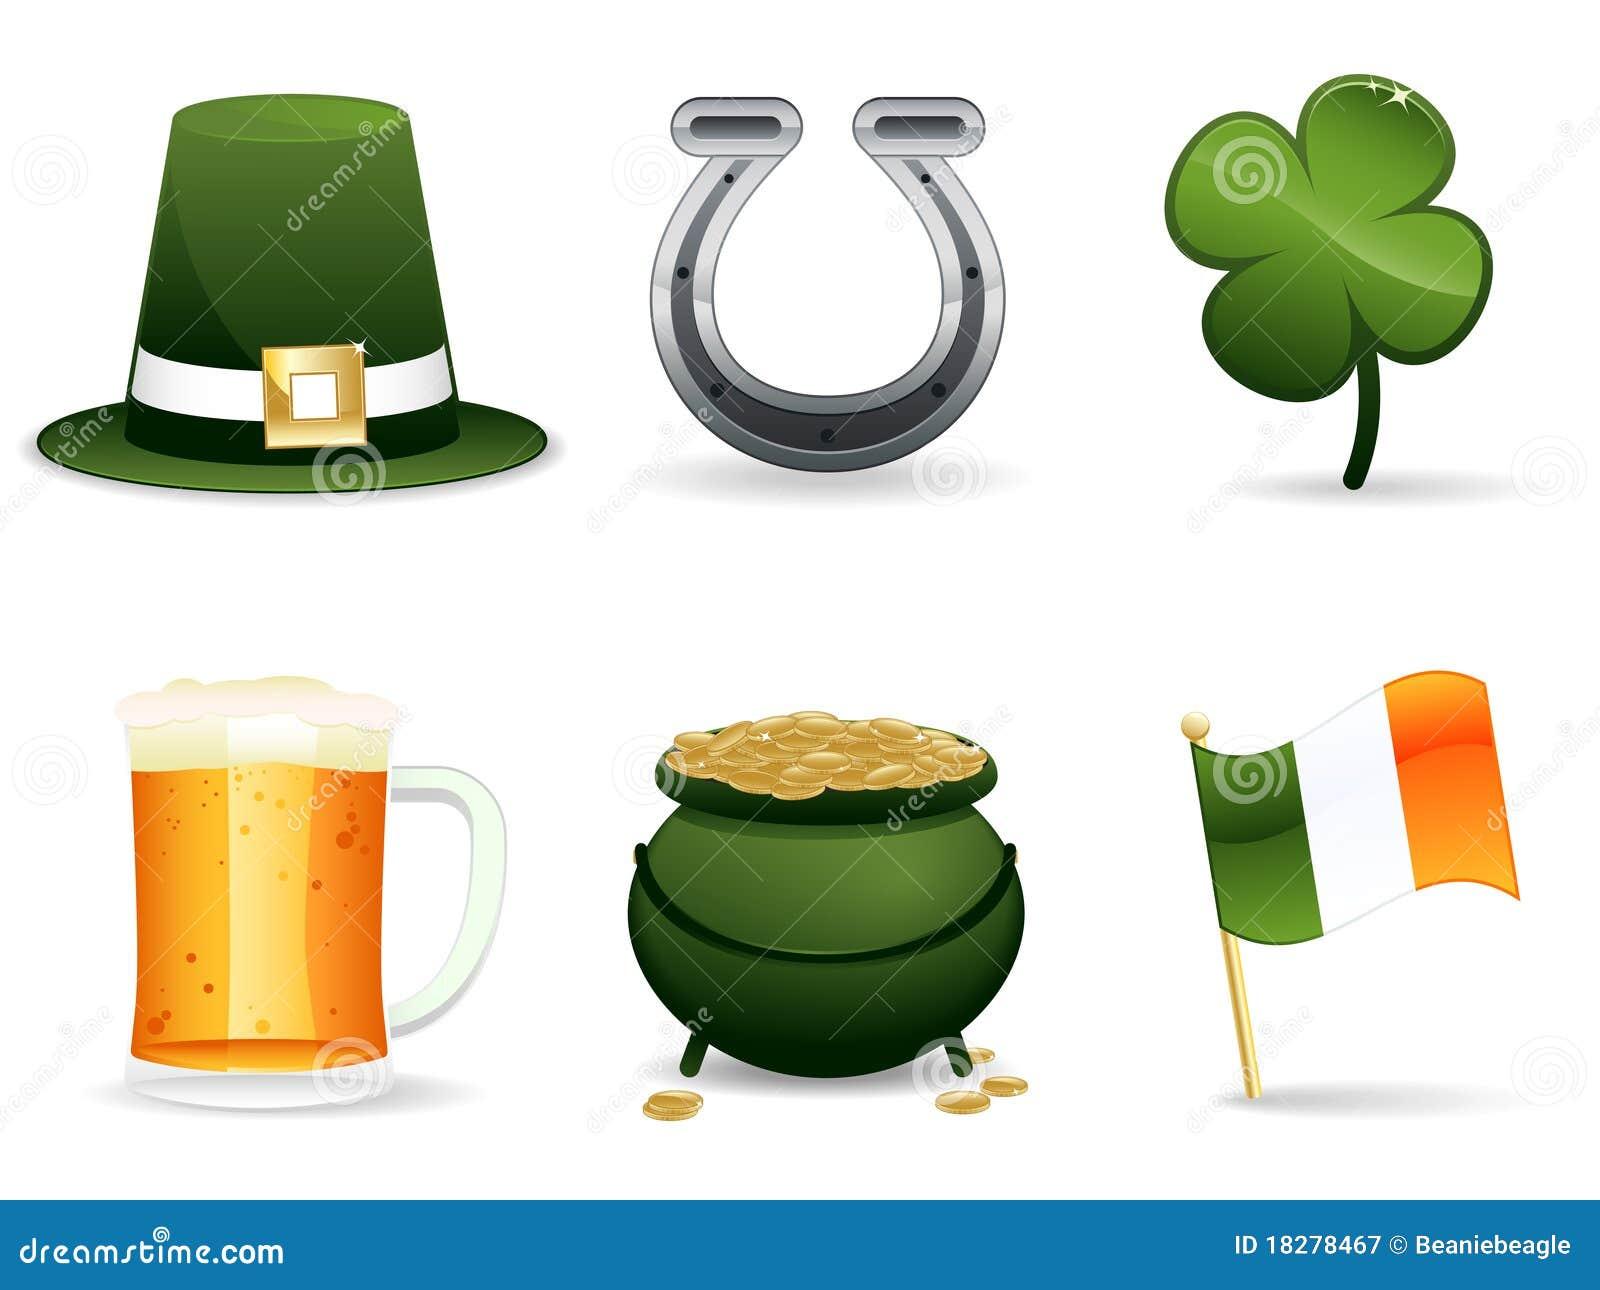 St. Patrick s Day Irish Icons